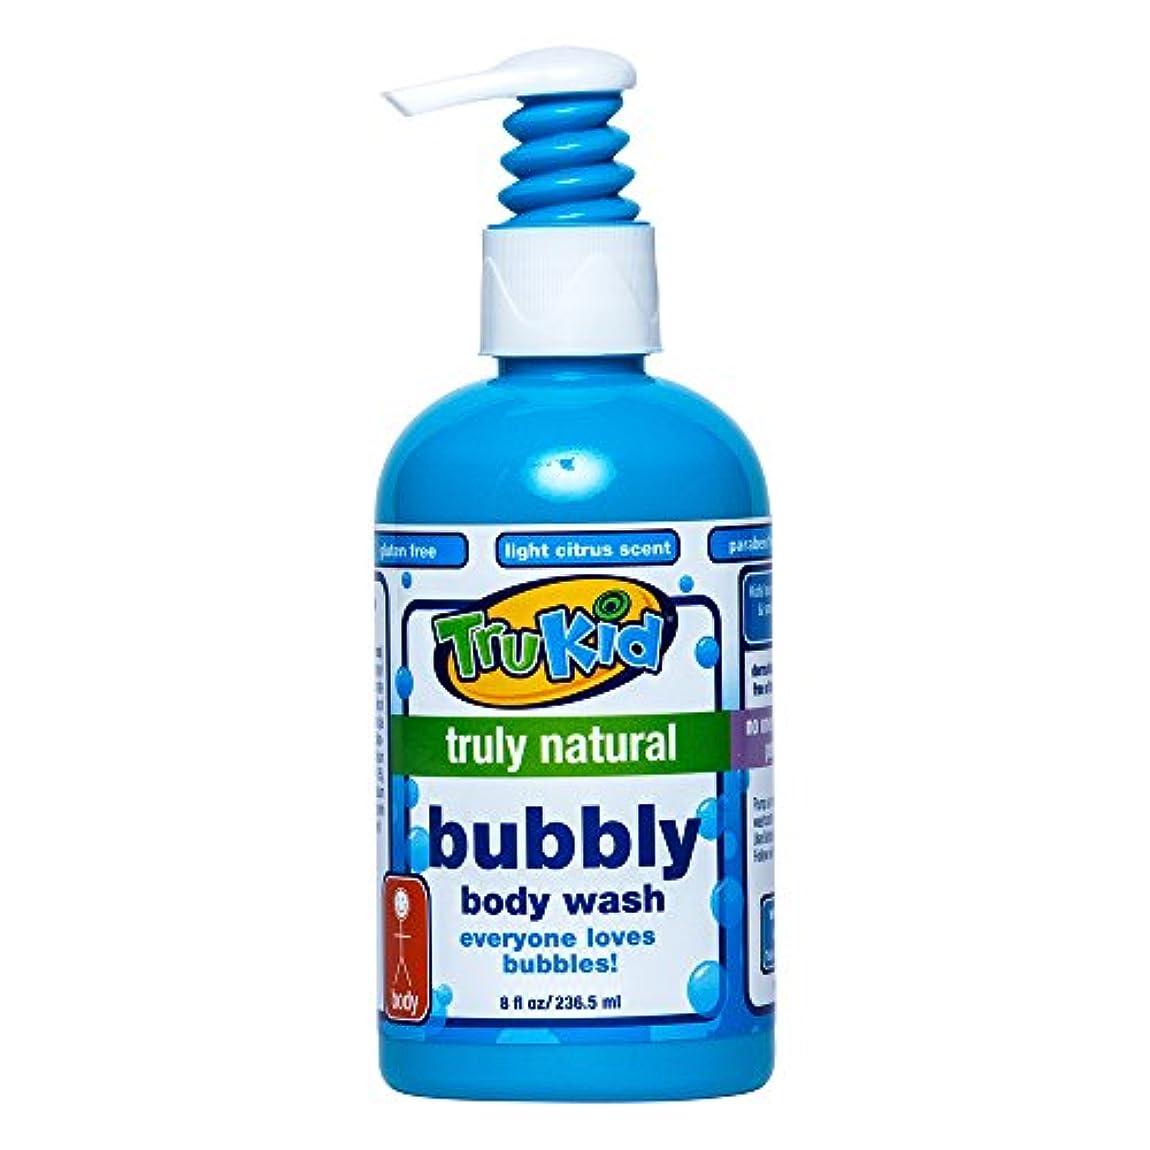 シートマトンポータブルTruKid, Bubbly Body Wash, 8 fl oz (236.5 ml)